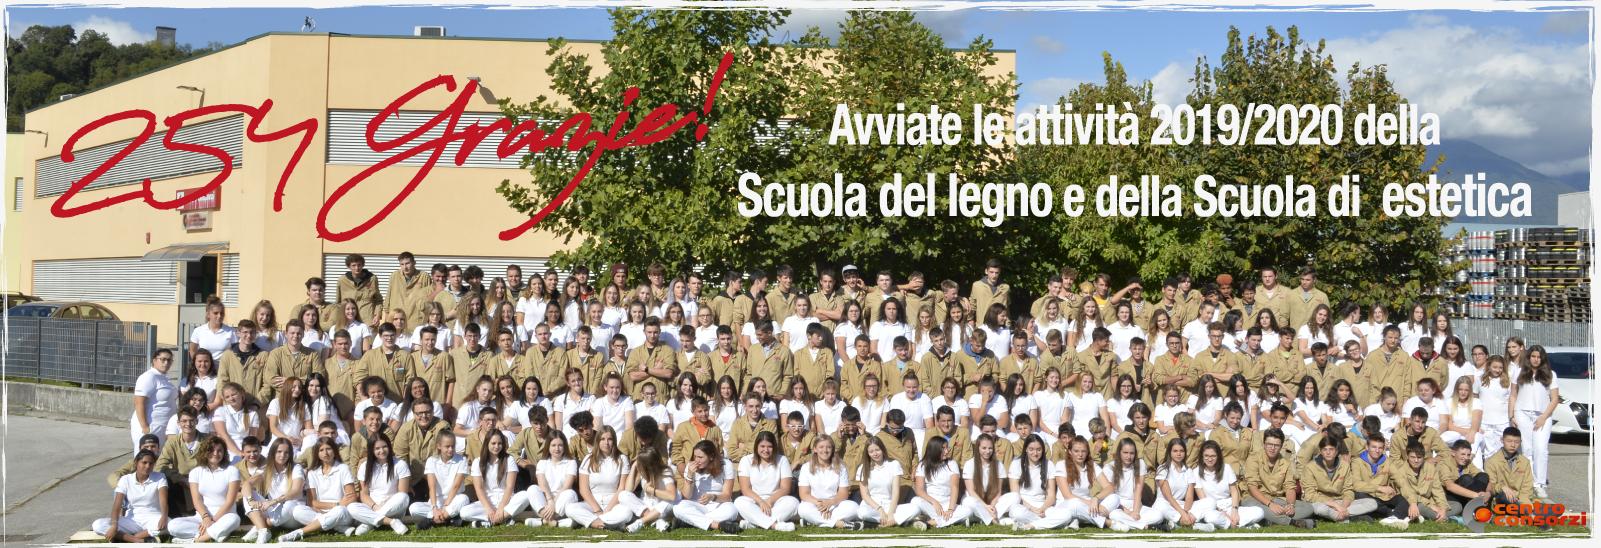 254 grazie scuola del legno e scuola di estetica